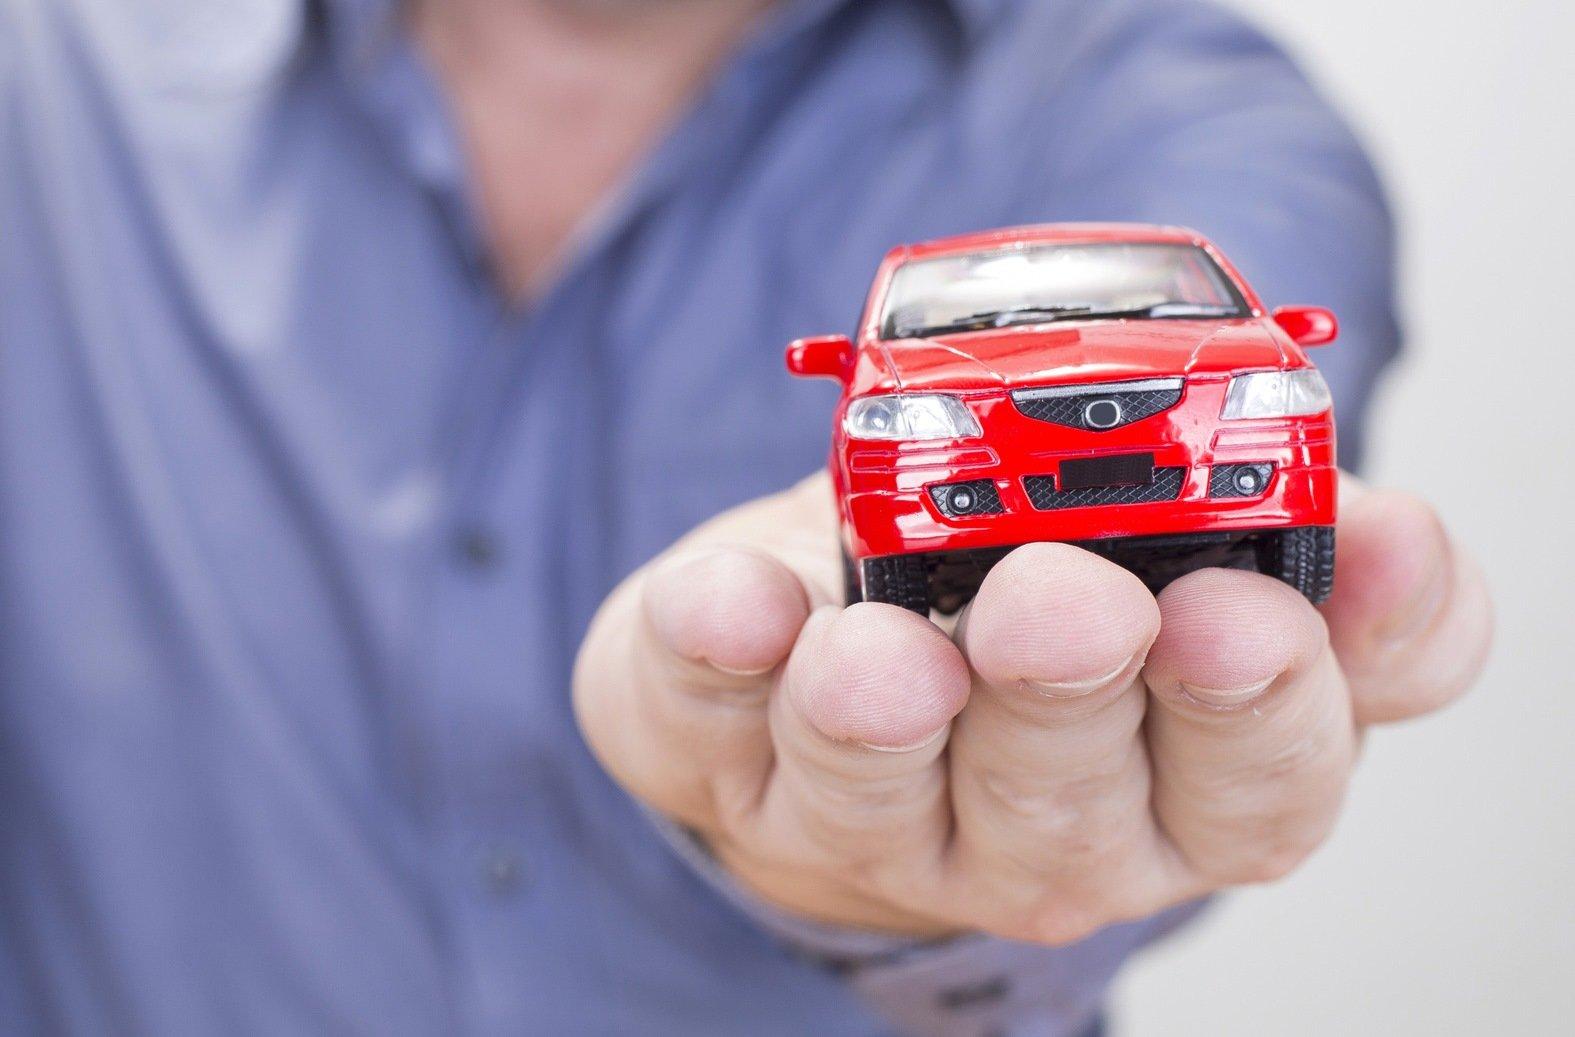 В России более 50% всех продаж авто приходится всего на пять брендов